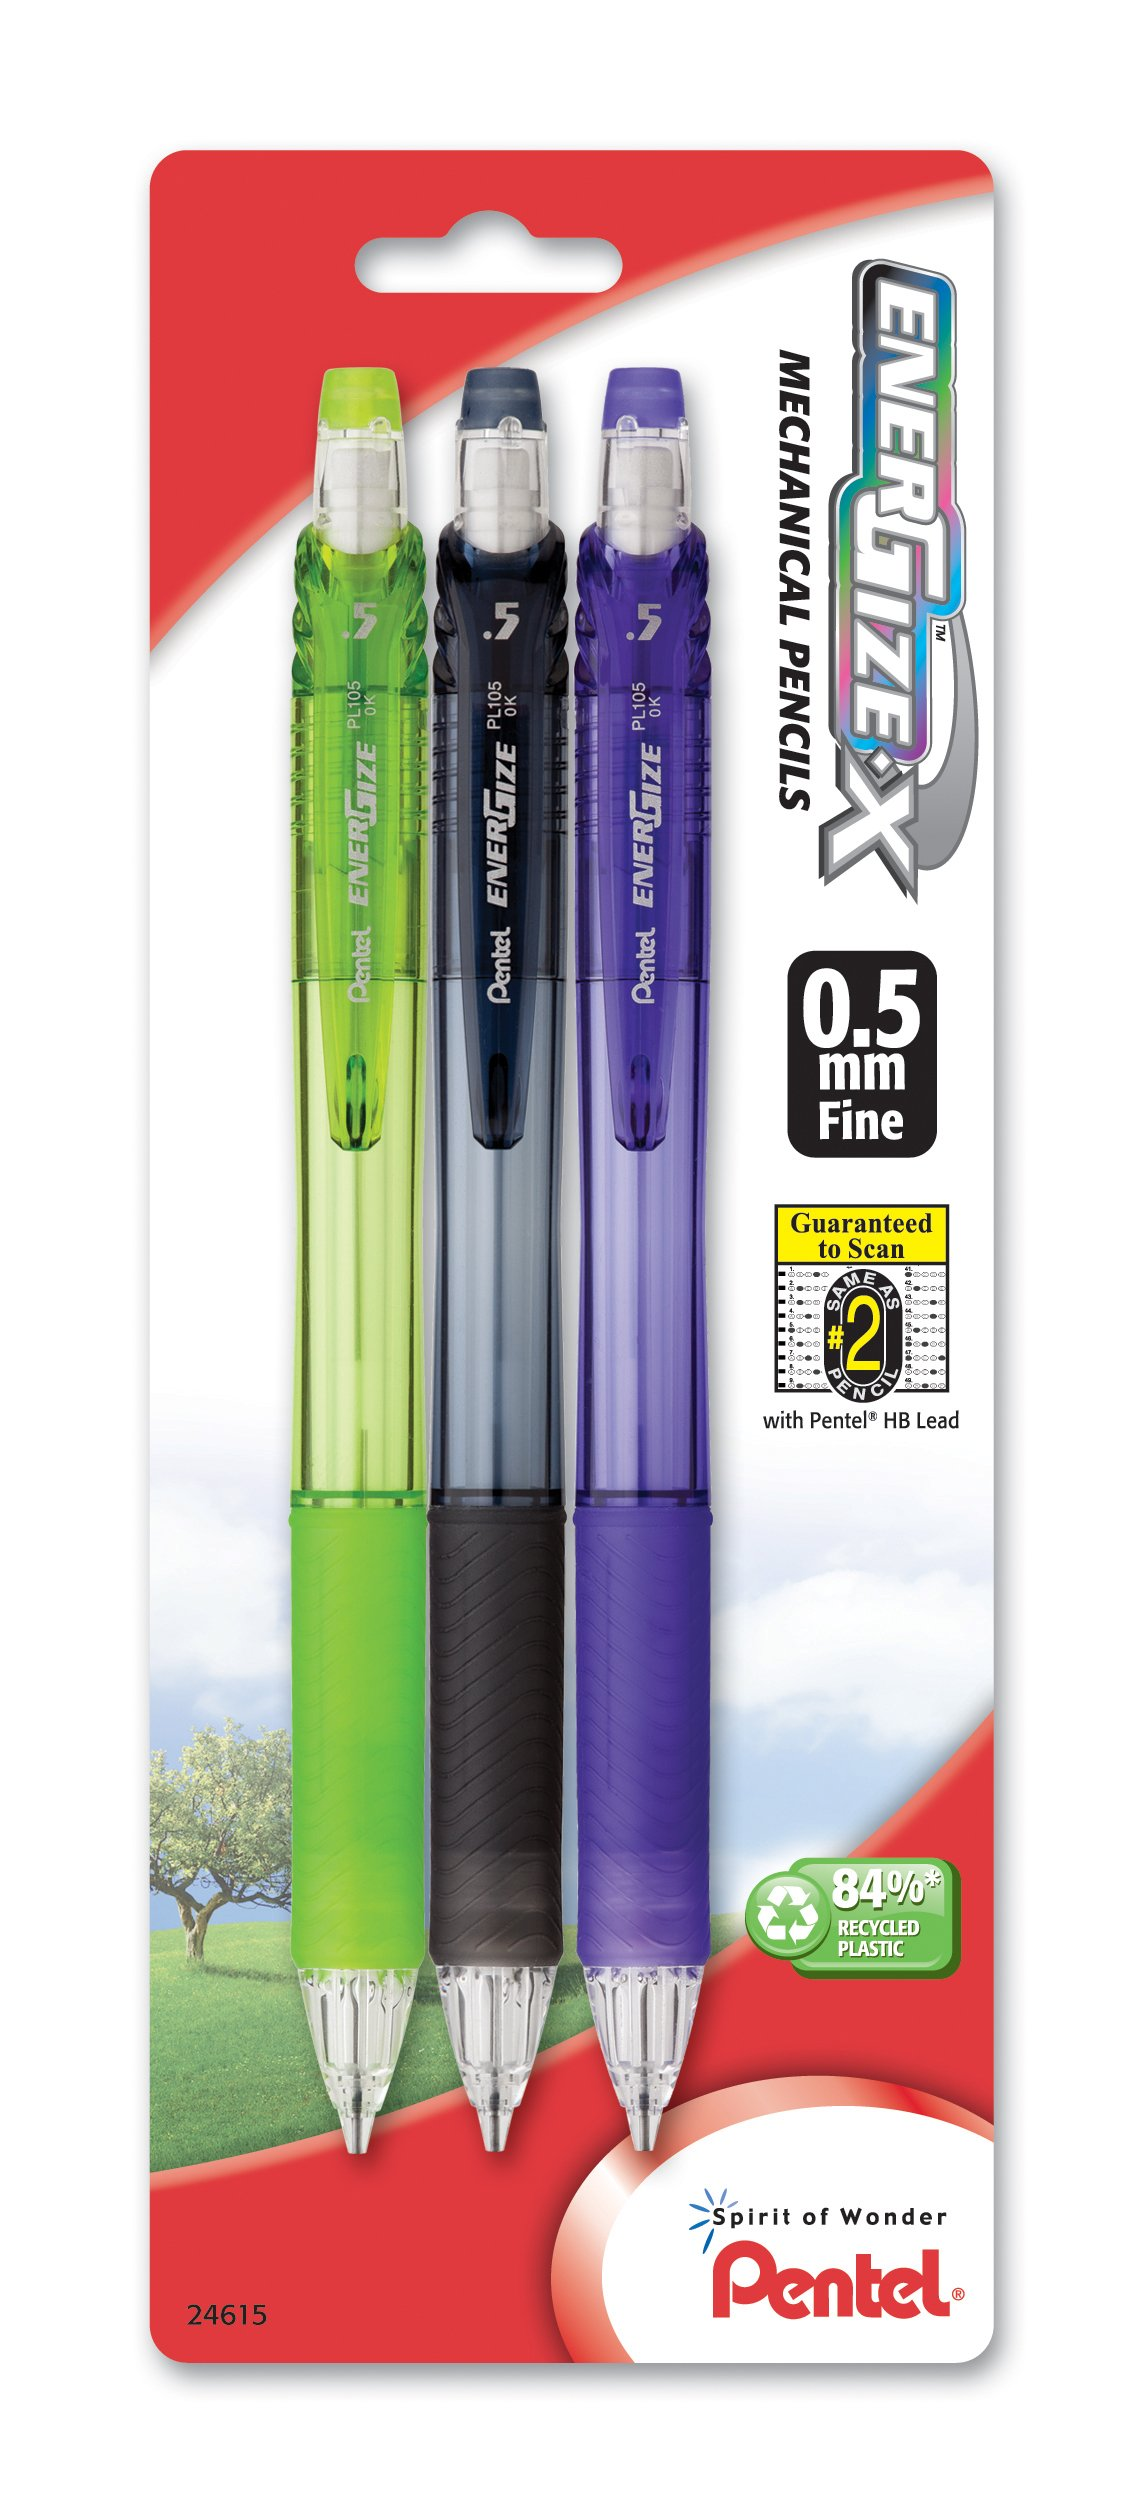 3 x Pentel EnerGize-X lápiz mecánico, 0,5mm, barril colores